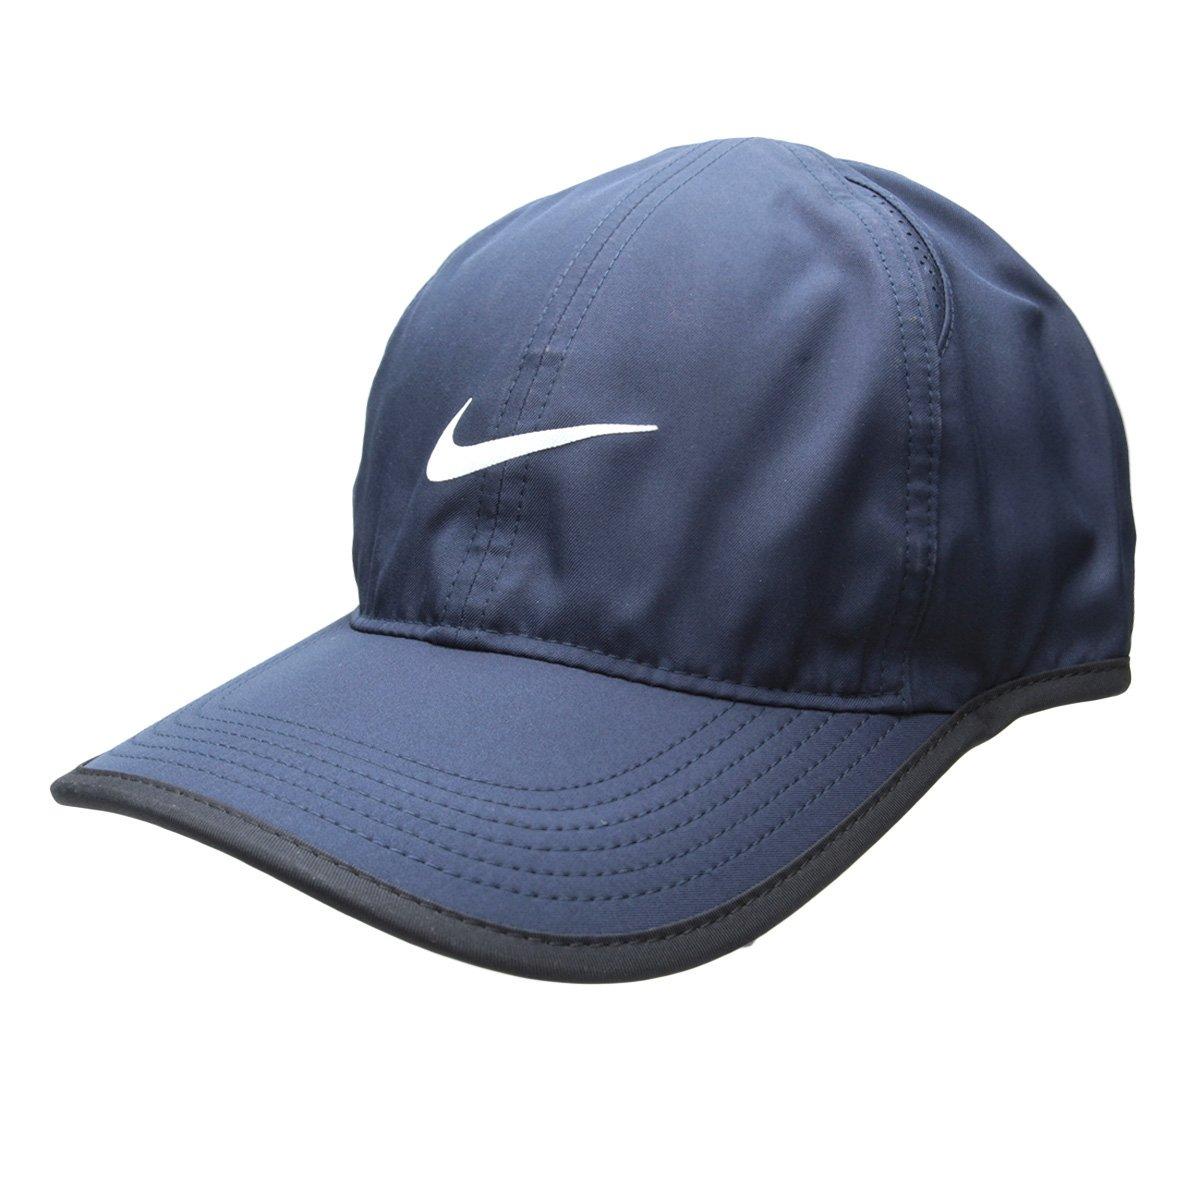 Boné Nike Aba Curva Featherlight - Compre Agora  8eec1f493c9